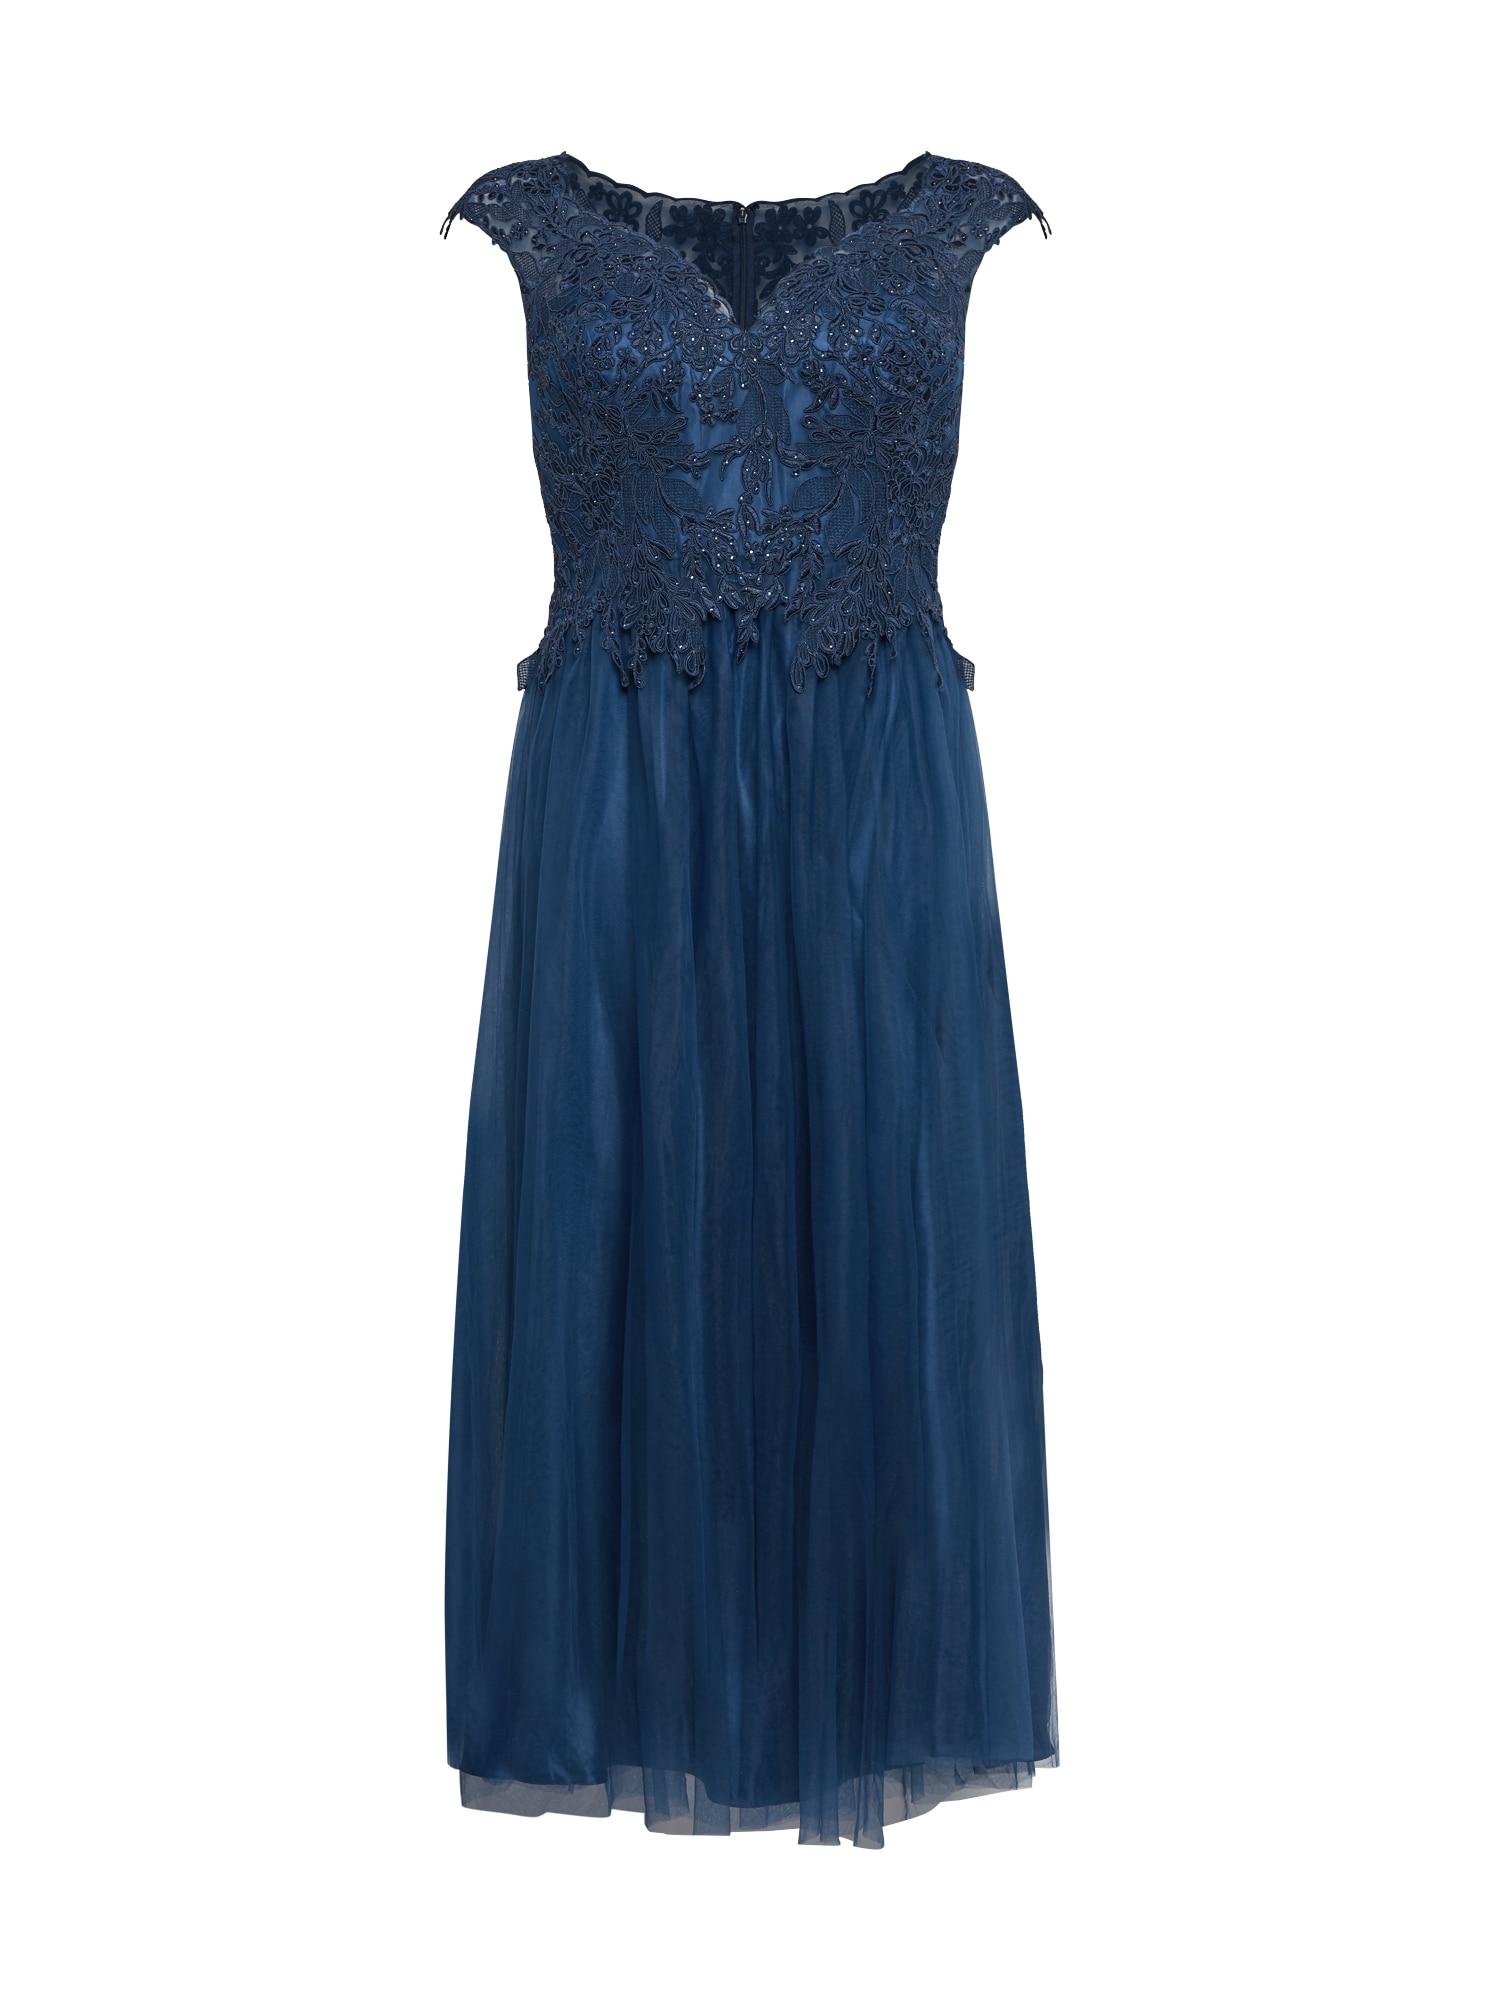 My Mascara Curves Vakarinė suknelė tamsiai mėlyna